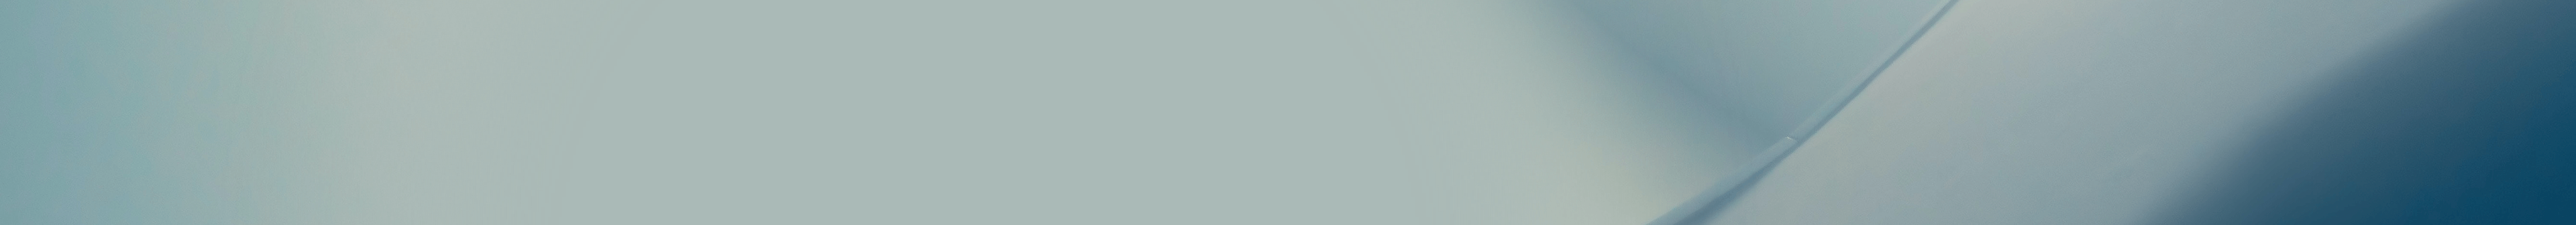 威廉希尔公司app网免费模板